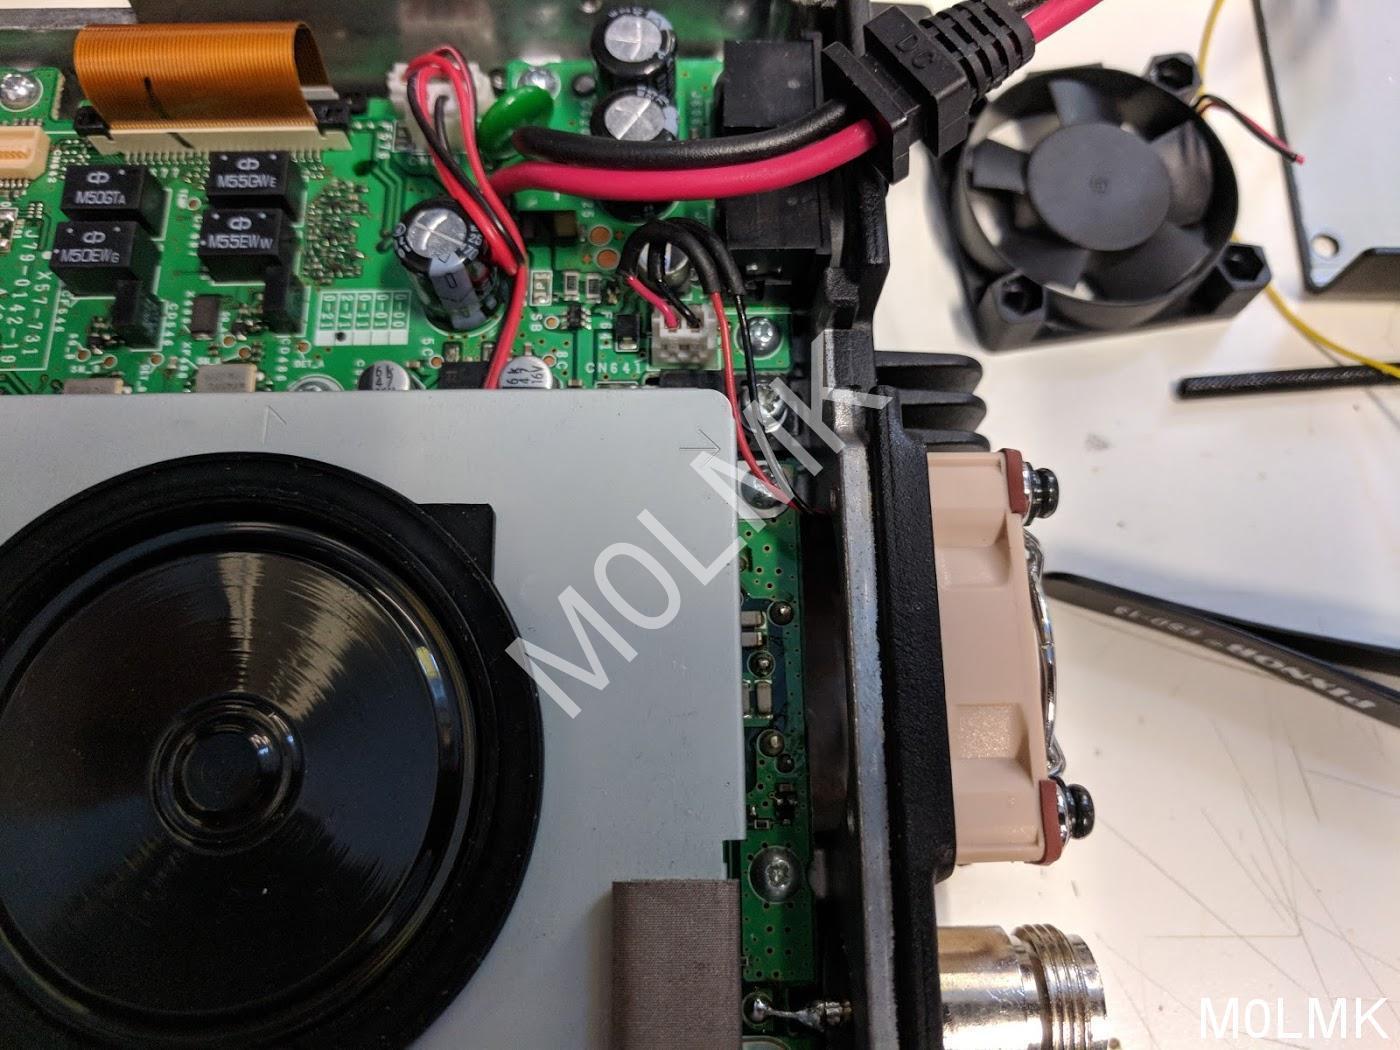 TM-V71 fan upgrade – M0LMK